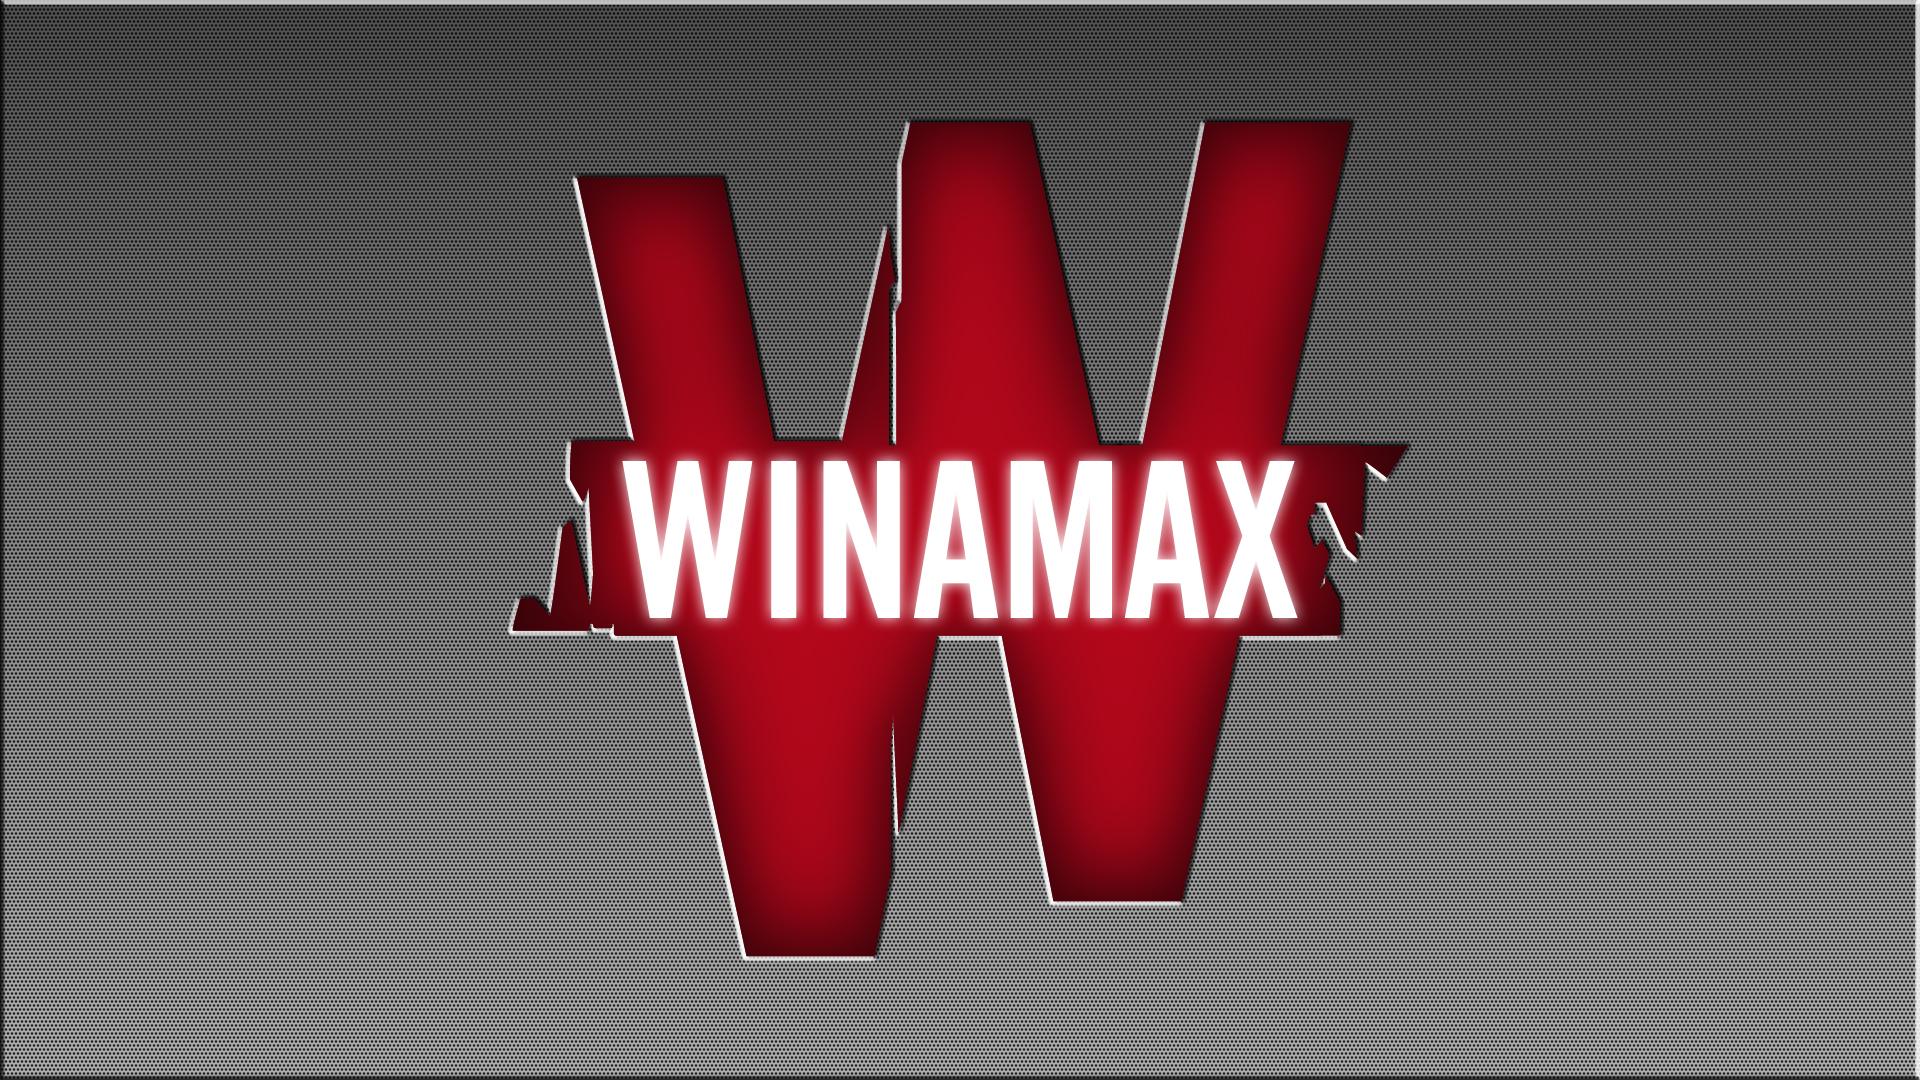 El Nuevo Ángulo En Winamax Acaba De Lanzar